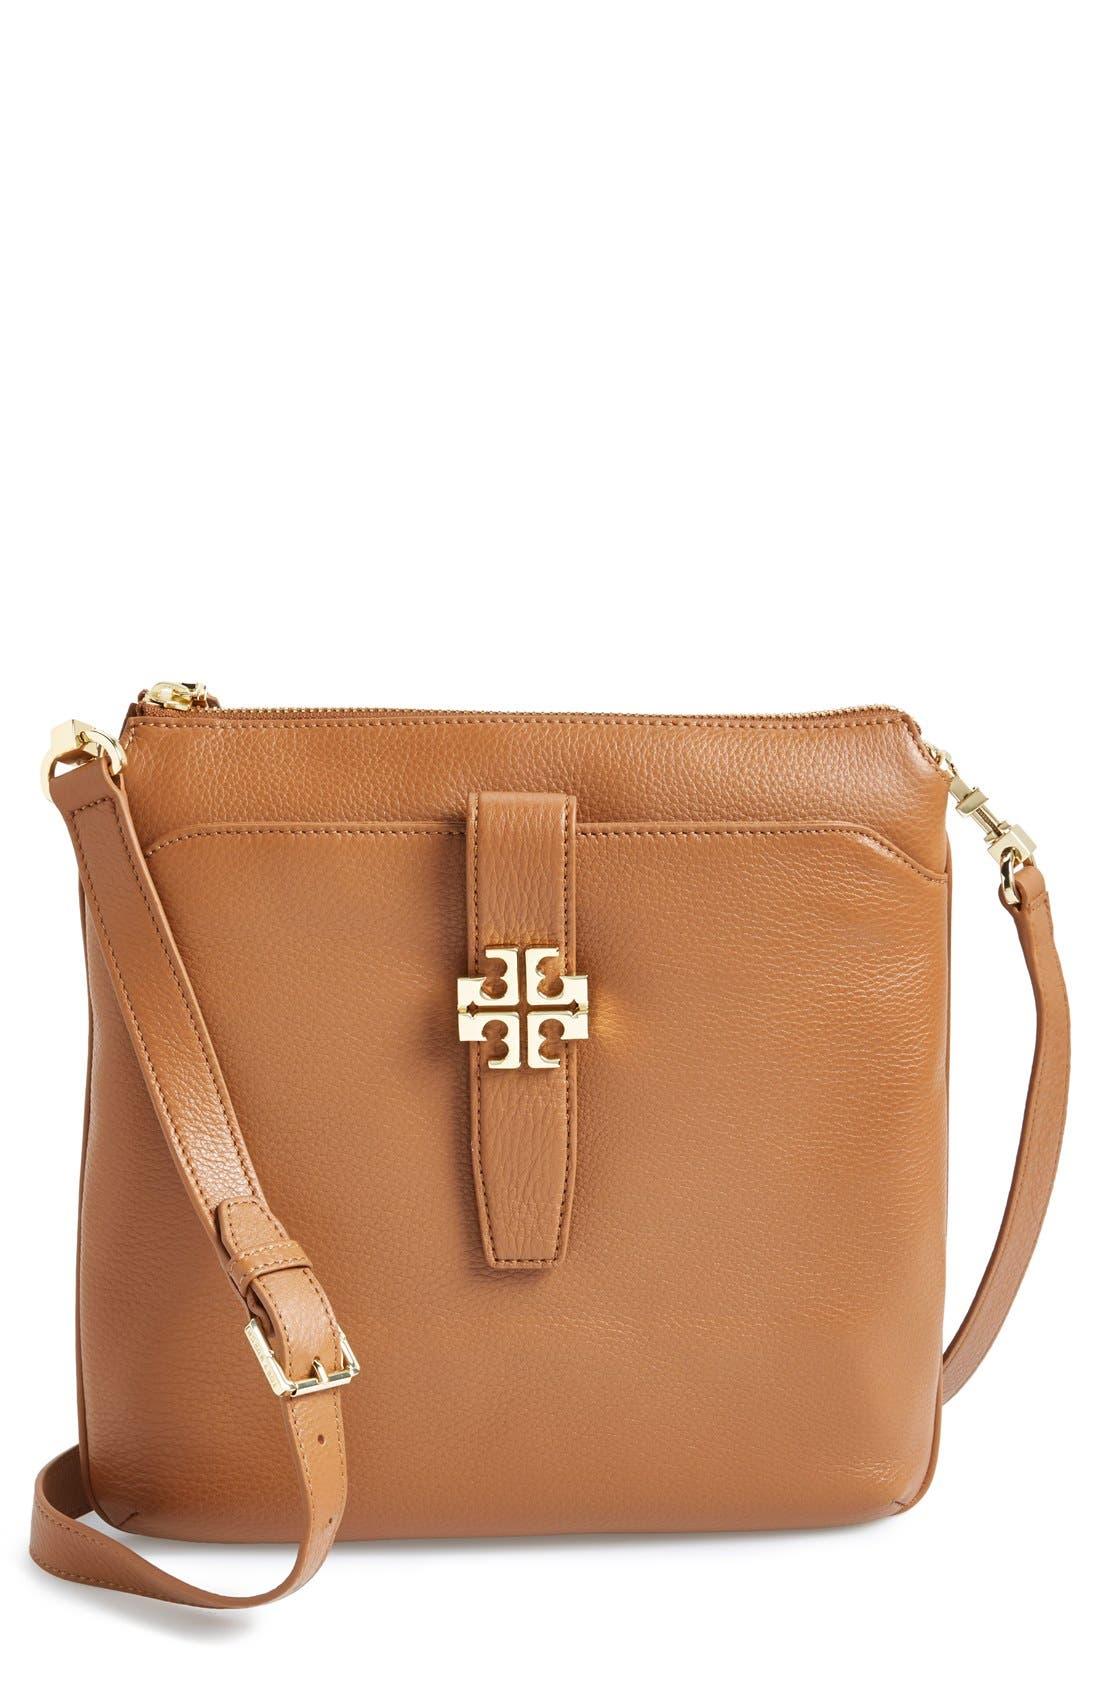 Main Image - Tory Burch 'Plaque' Crossbody Bag